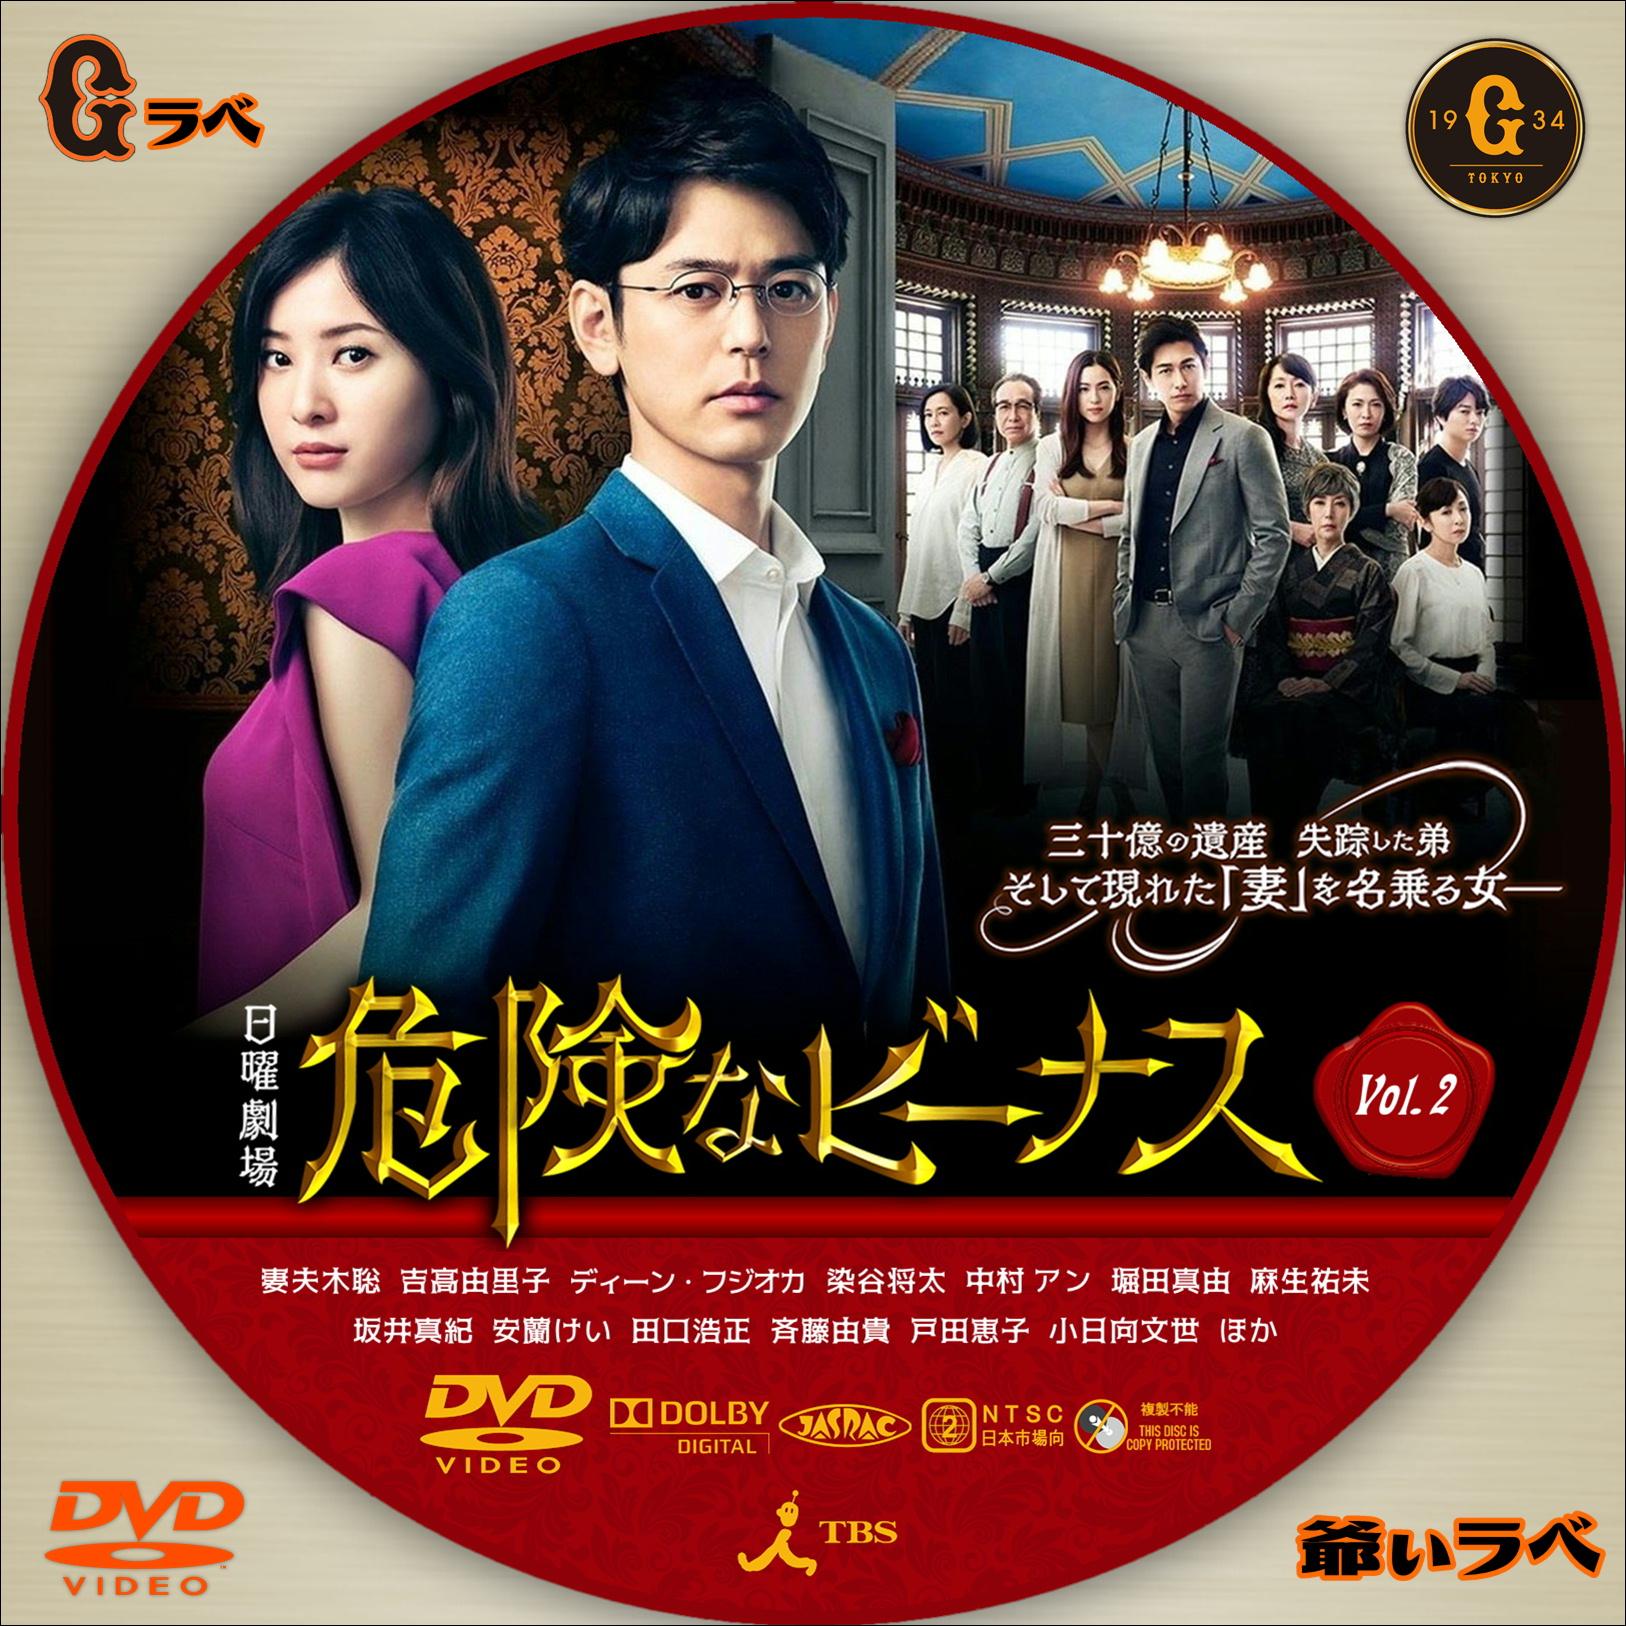 危険なビーナス Vol-2(DVD)